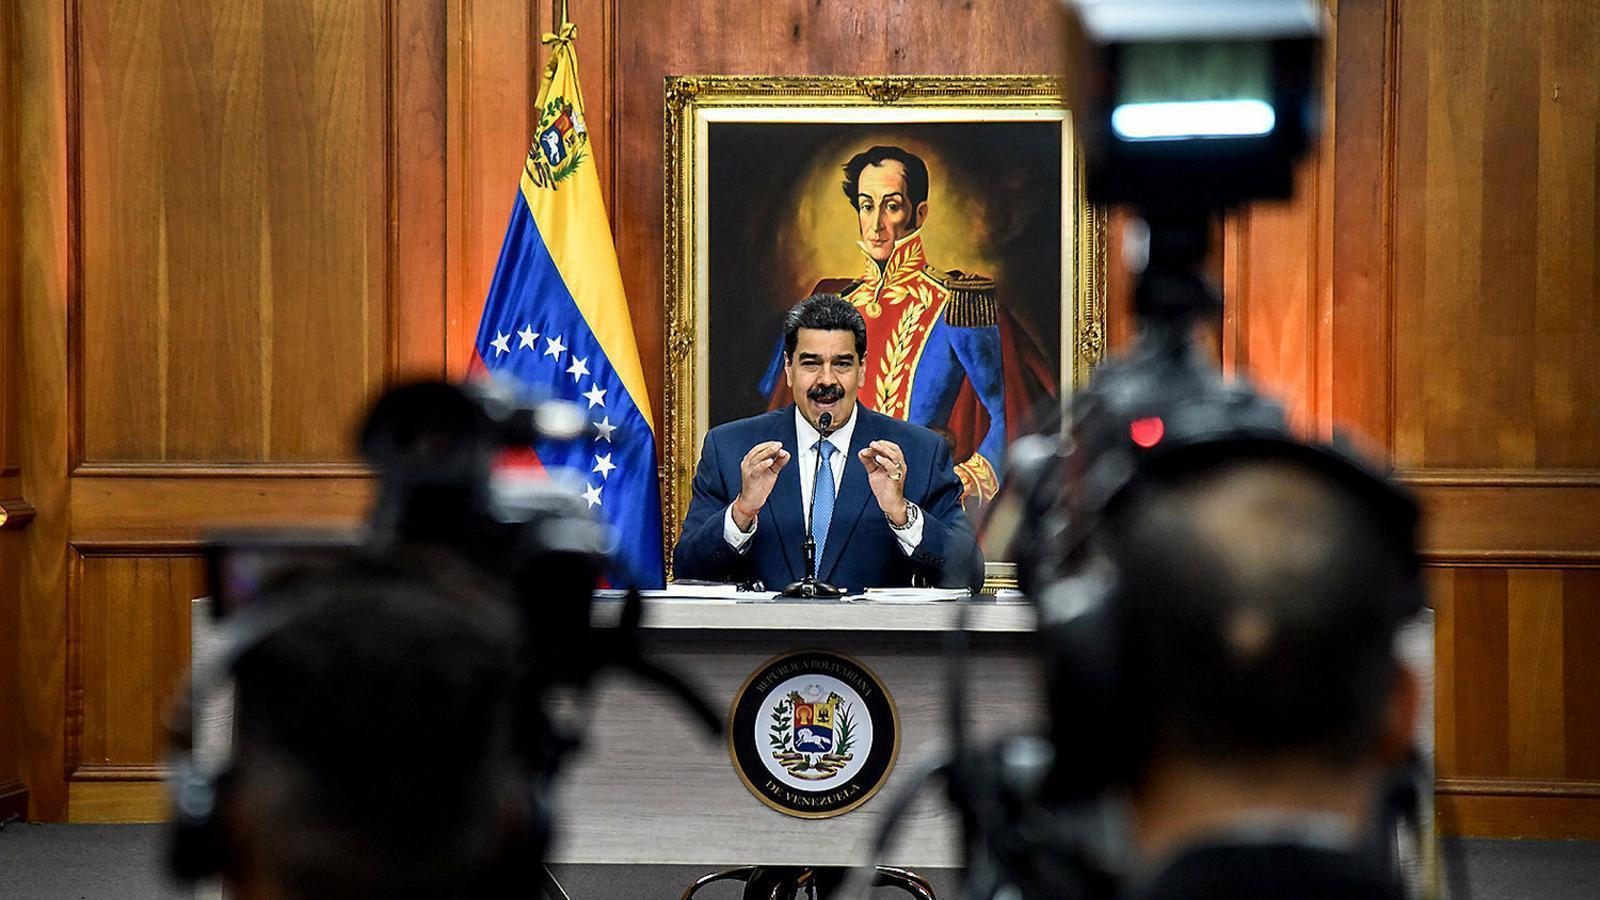 El cap de govern de Veneçuela, Nicolás Maduro, aquest mes de febrer en una conferència de premsa.